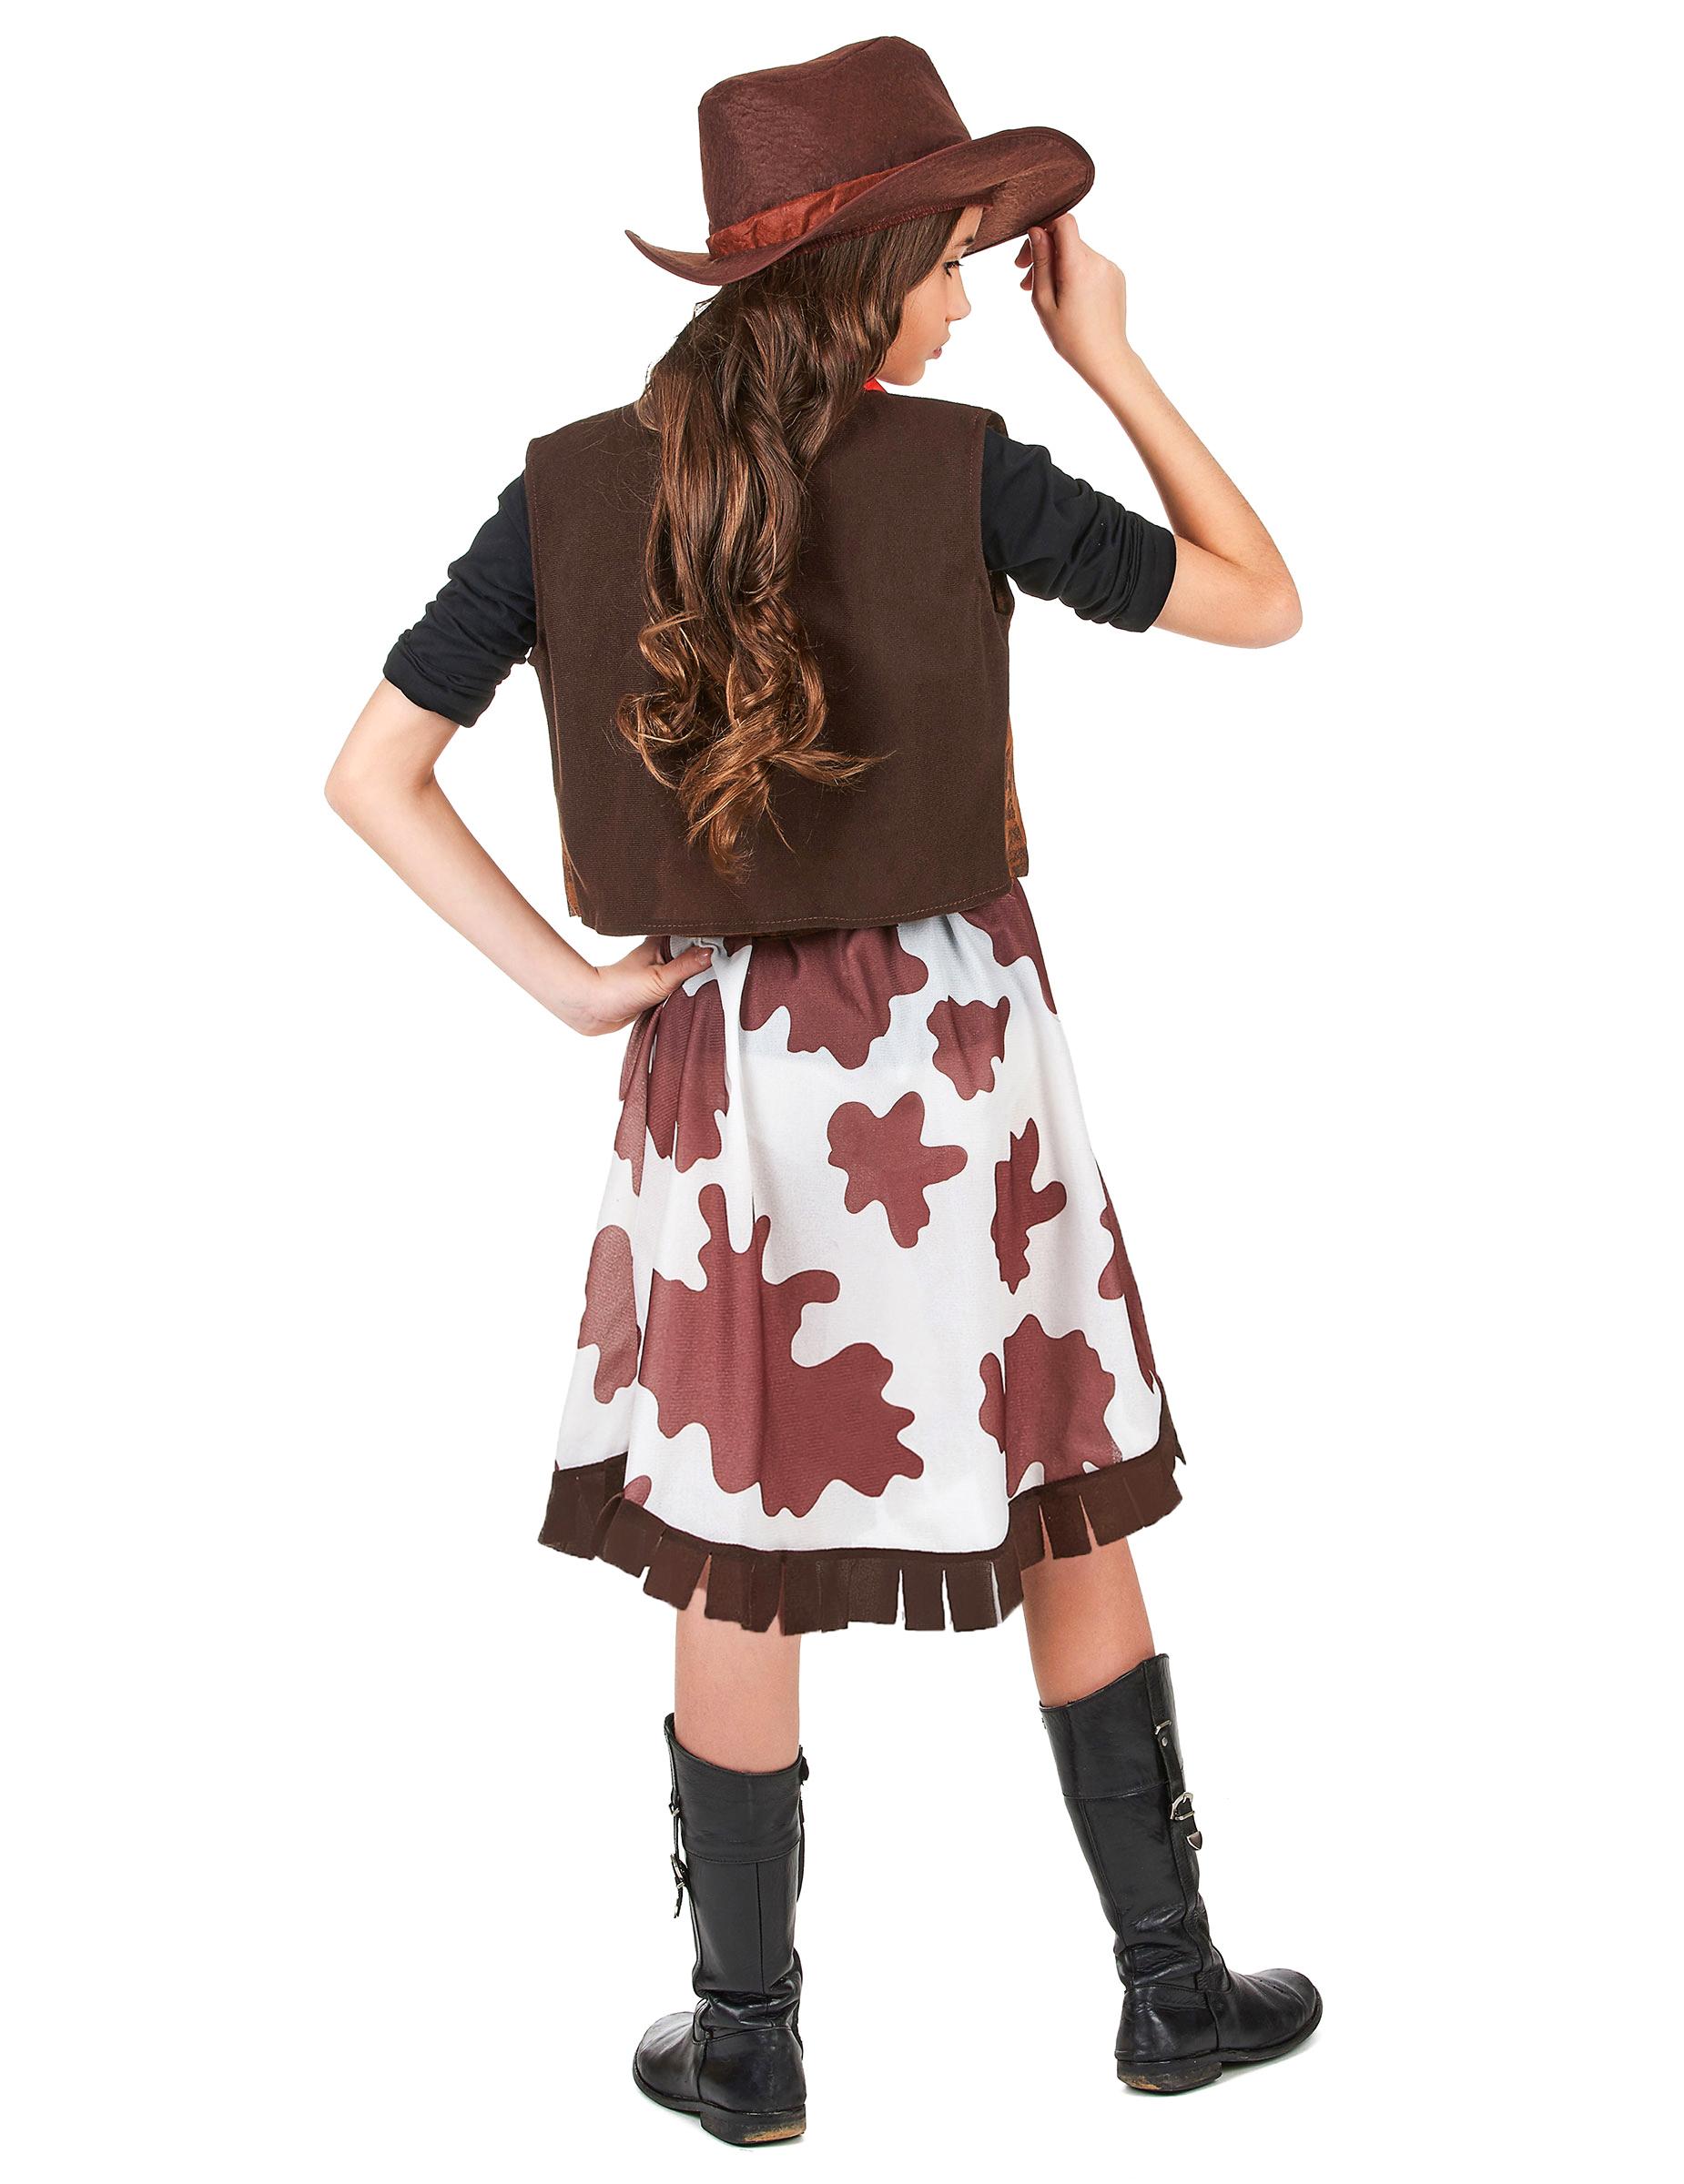 Cowgirl Kostum Fur Madchen Kostume Fur Kinder Und Gunstige